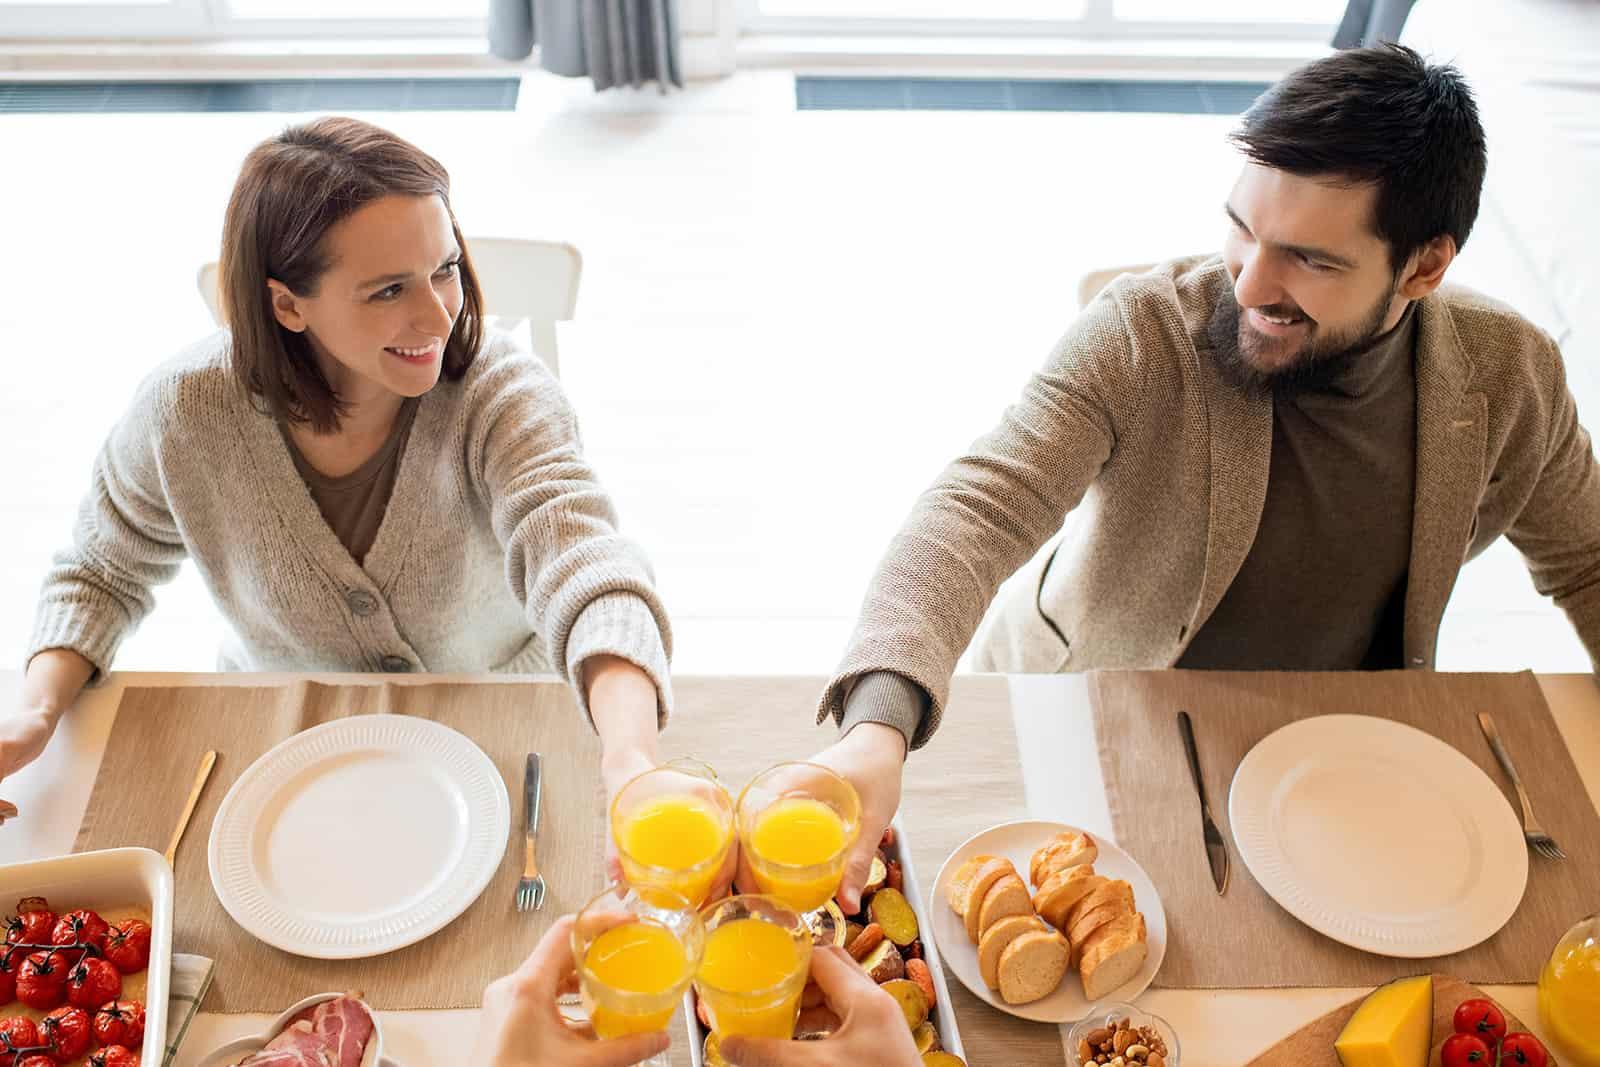 ein lächelndes Paar, das sich beim Anstoßen mit Freunden während des Mittagessens ansieht